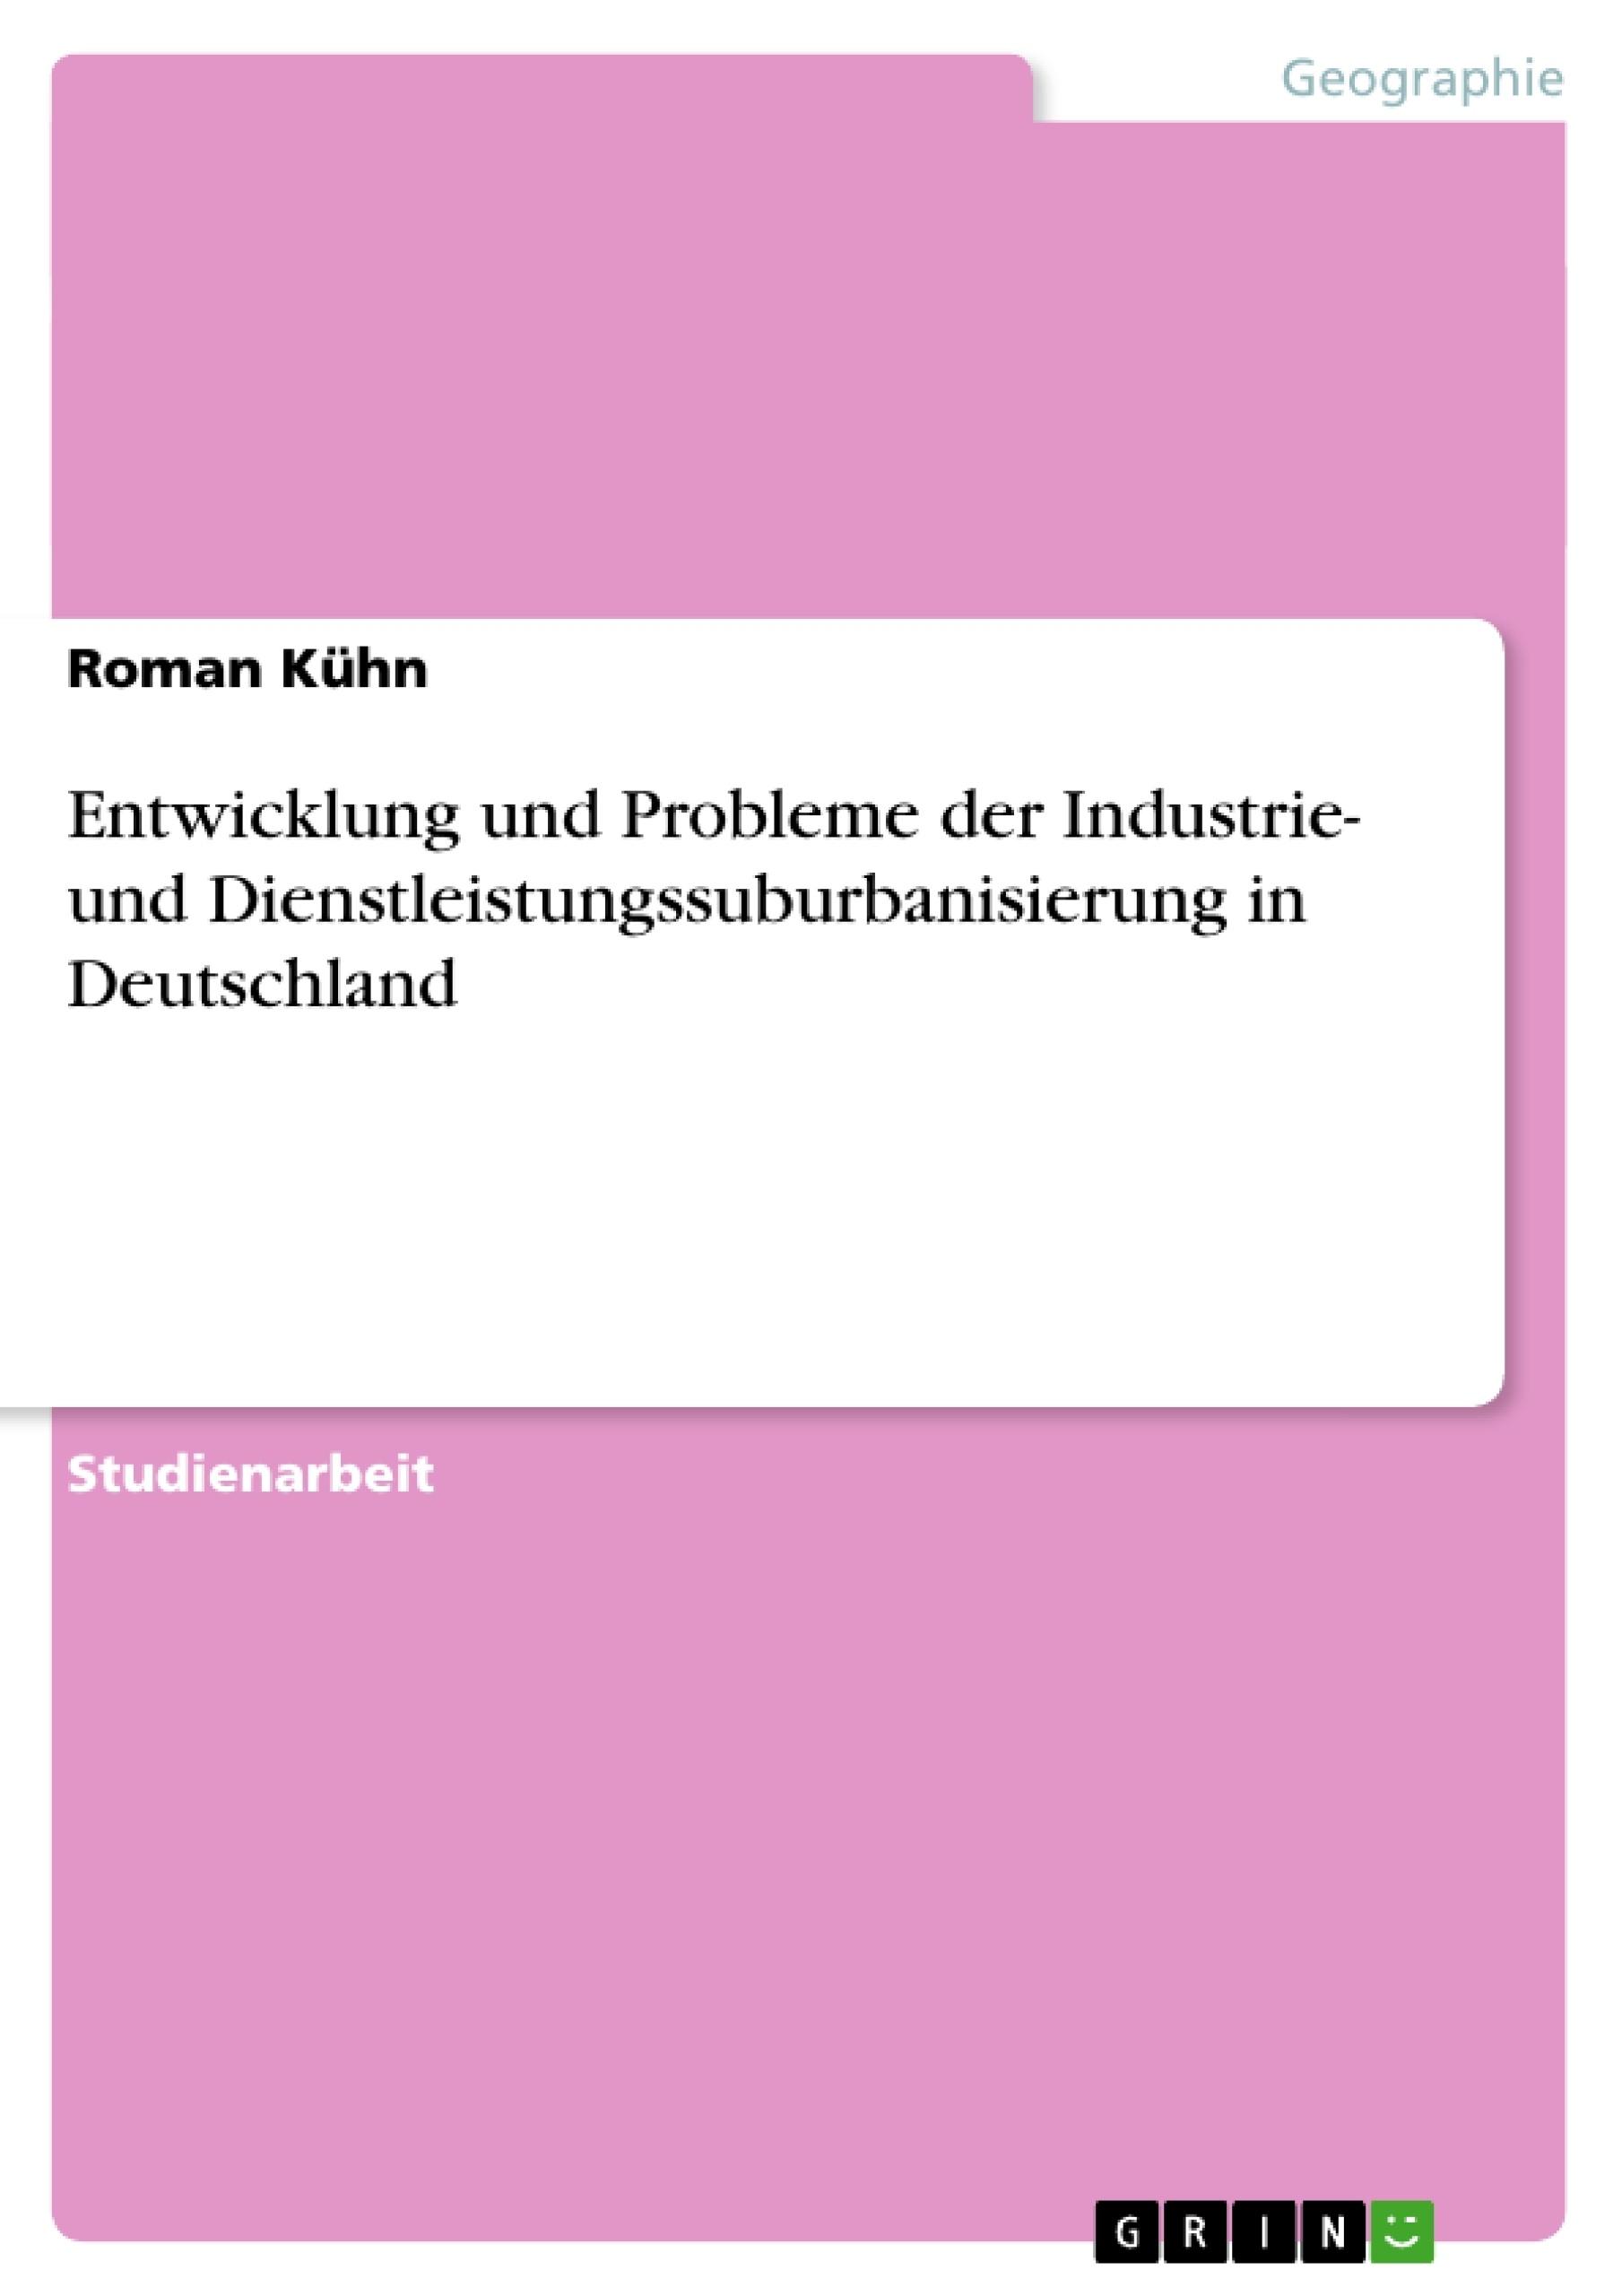 Titel: Entwicklung und Probleme der Industrie- und Dienstleistungssuburbanisierung in Deutschland